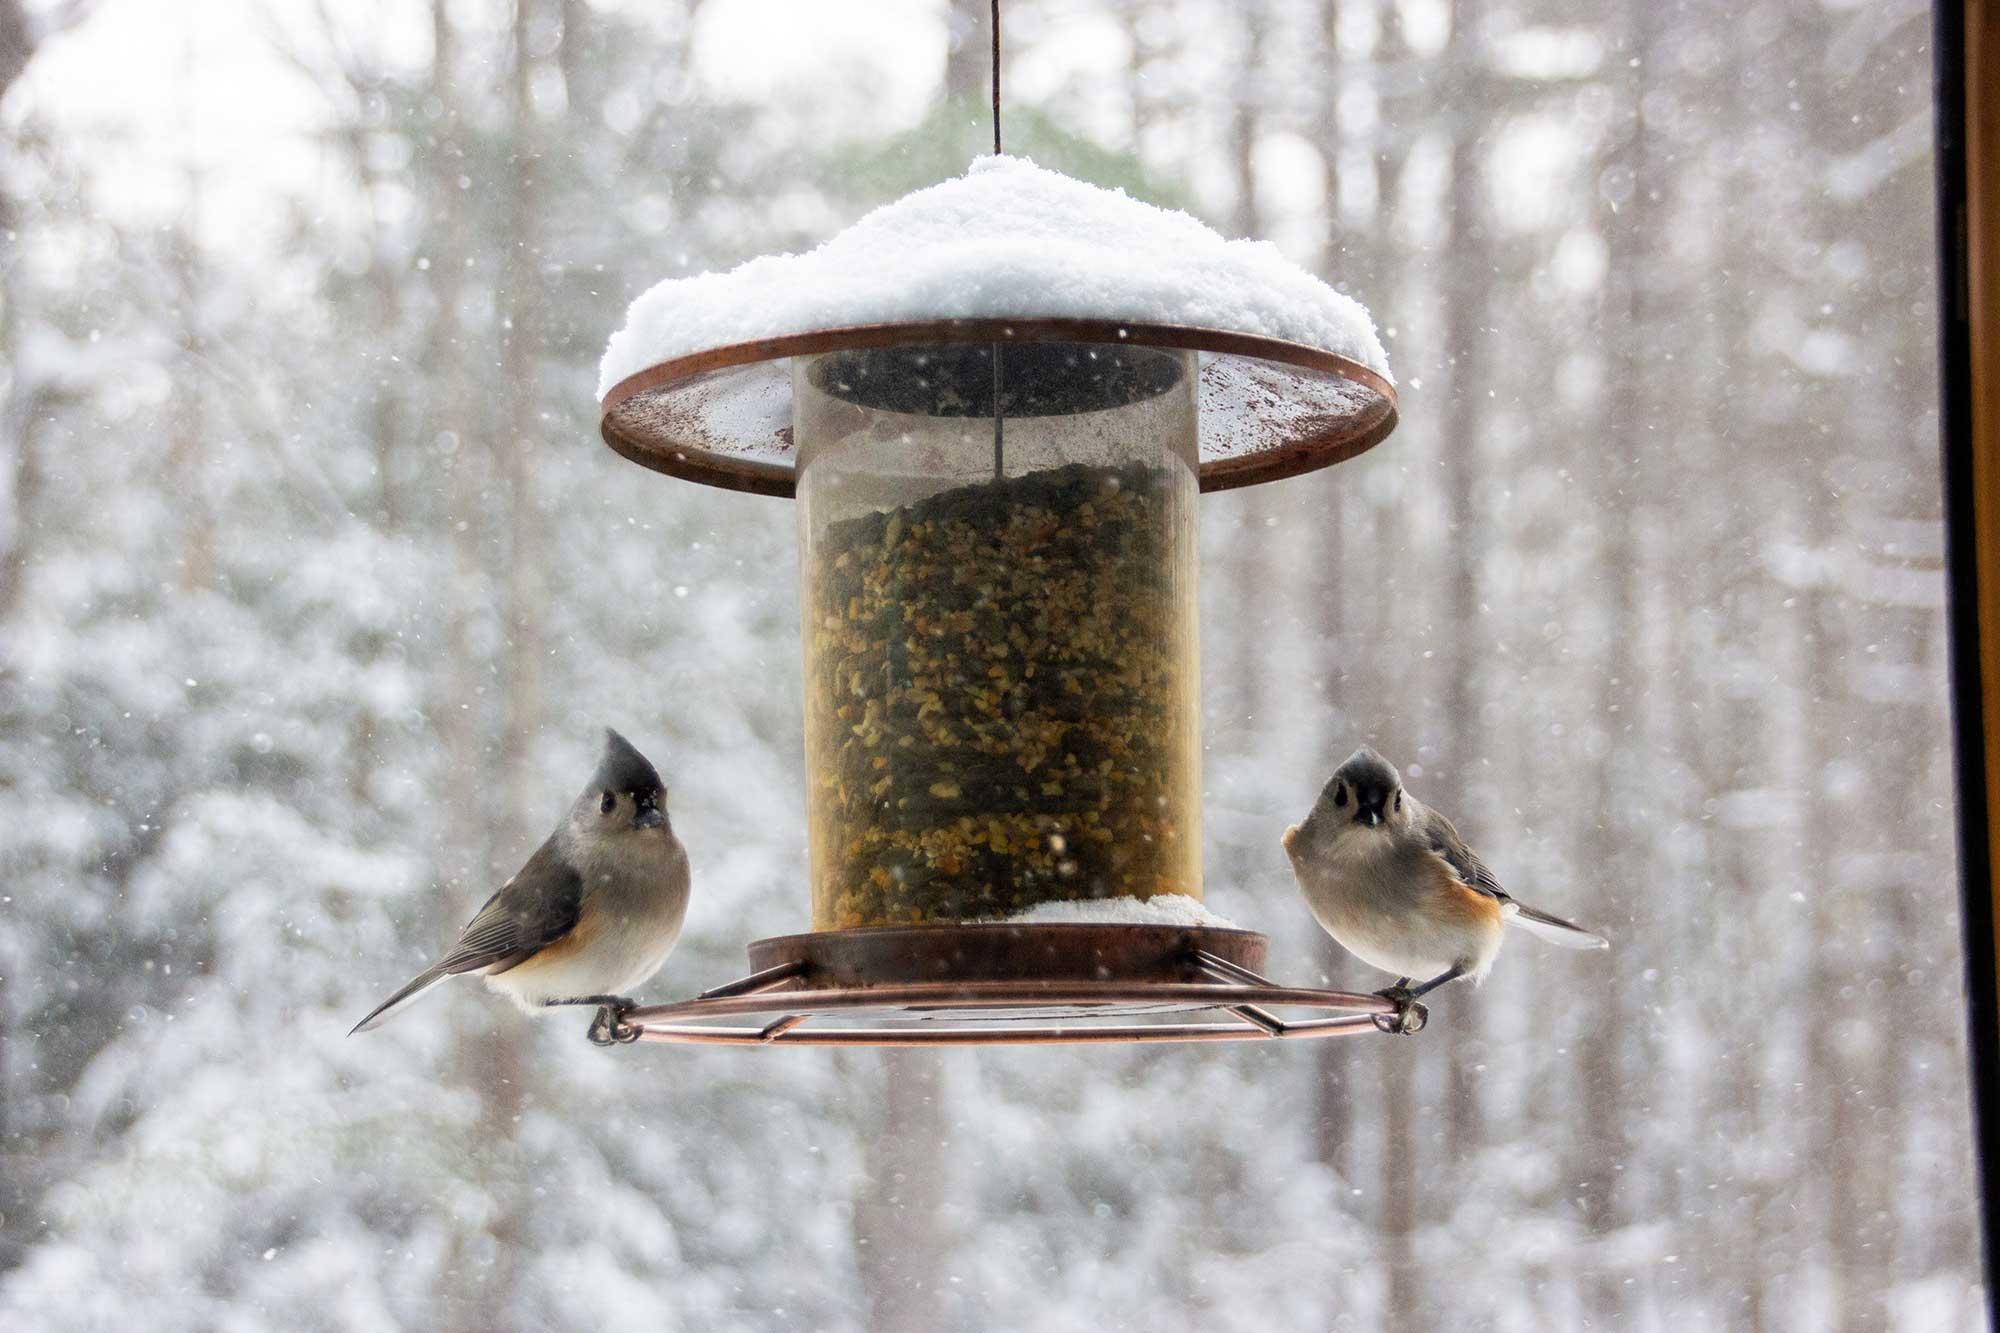 Birds at a bird feeder eating the best bird seed